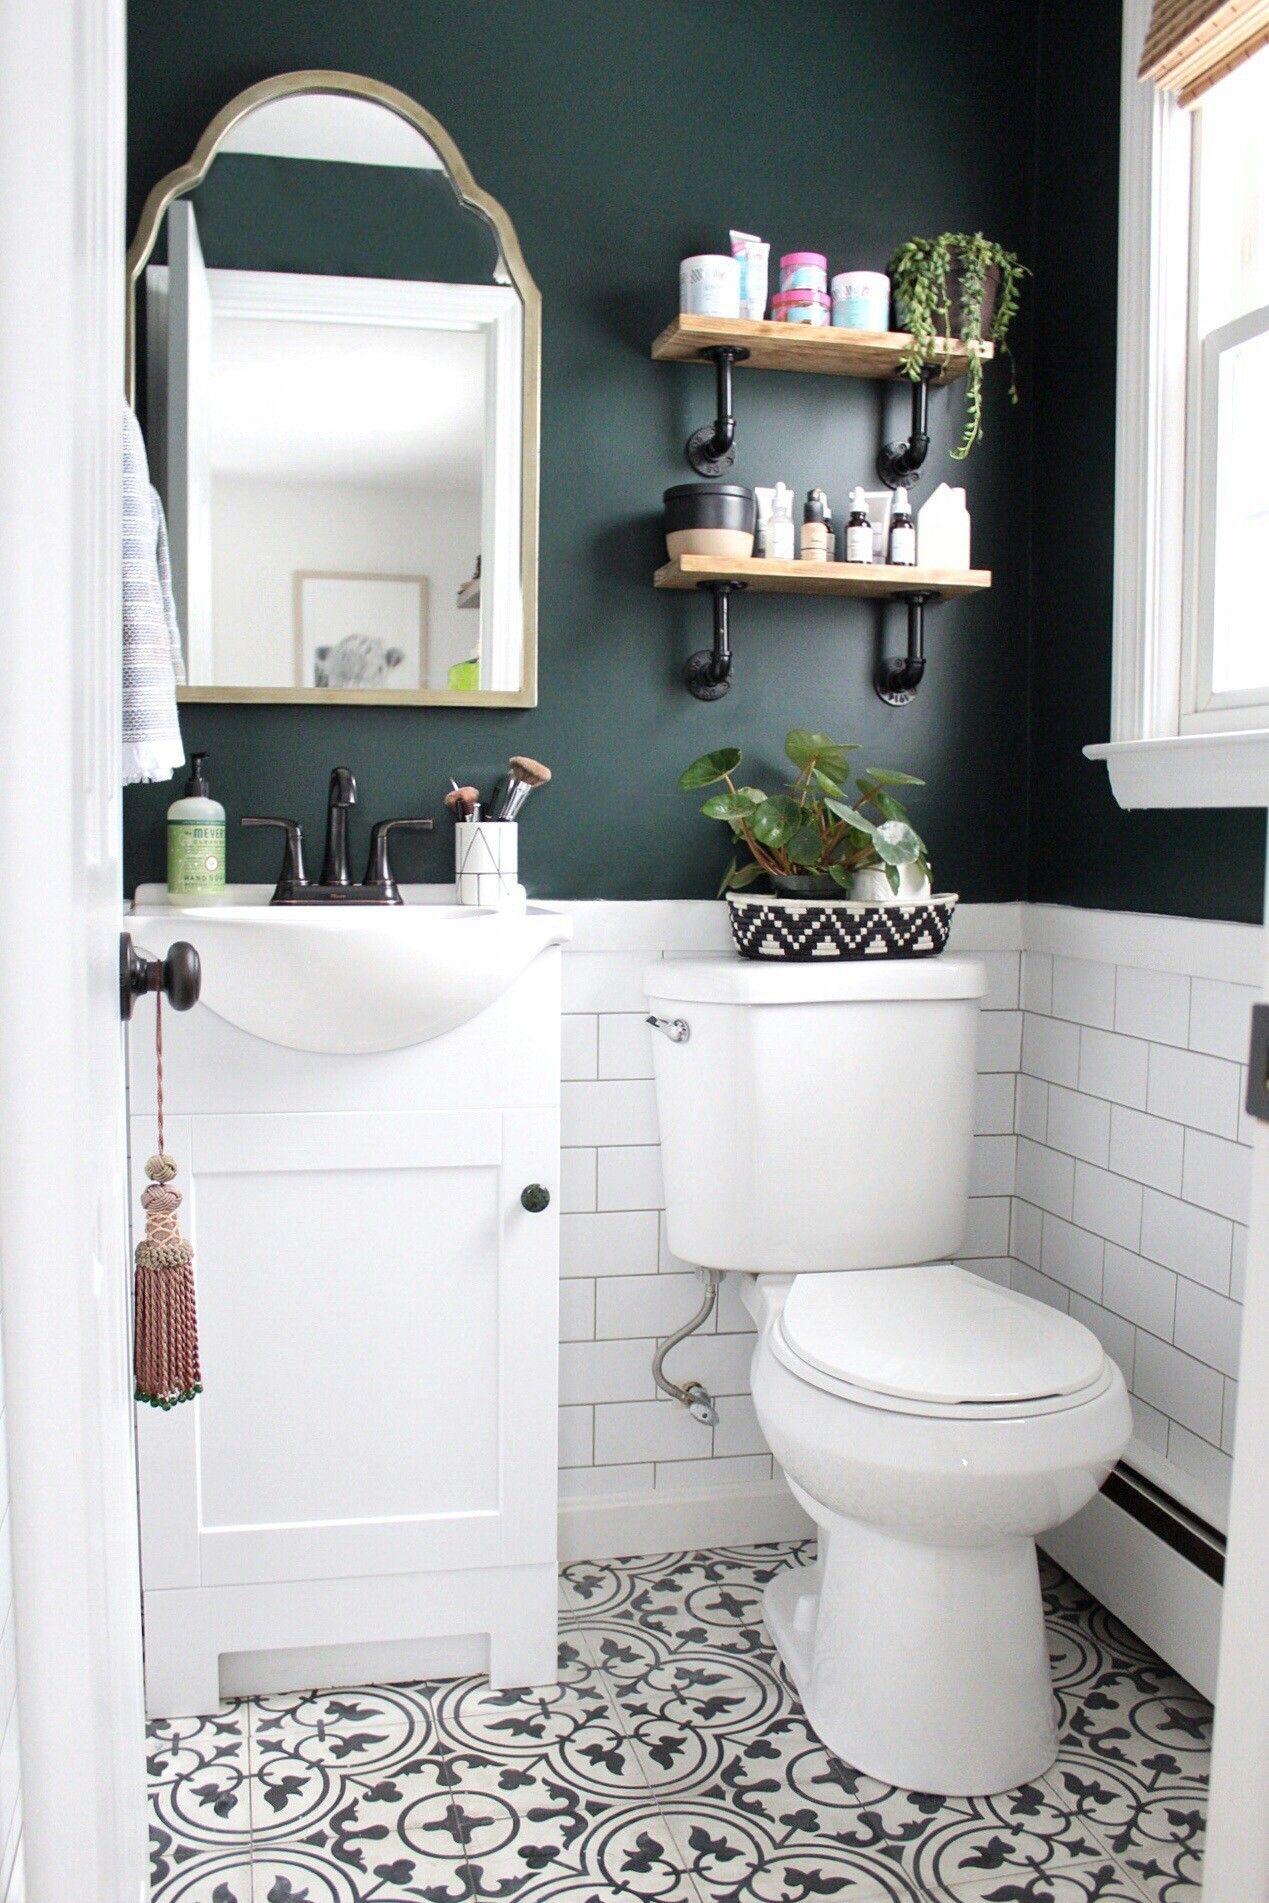 Pin Von Ich Auf Badezimmer In 2020 Badezimmer Streichen Badezimmerfarben Badezimmer Grun